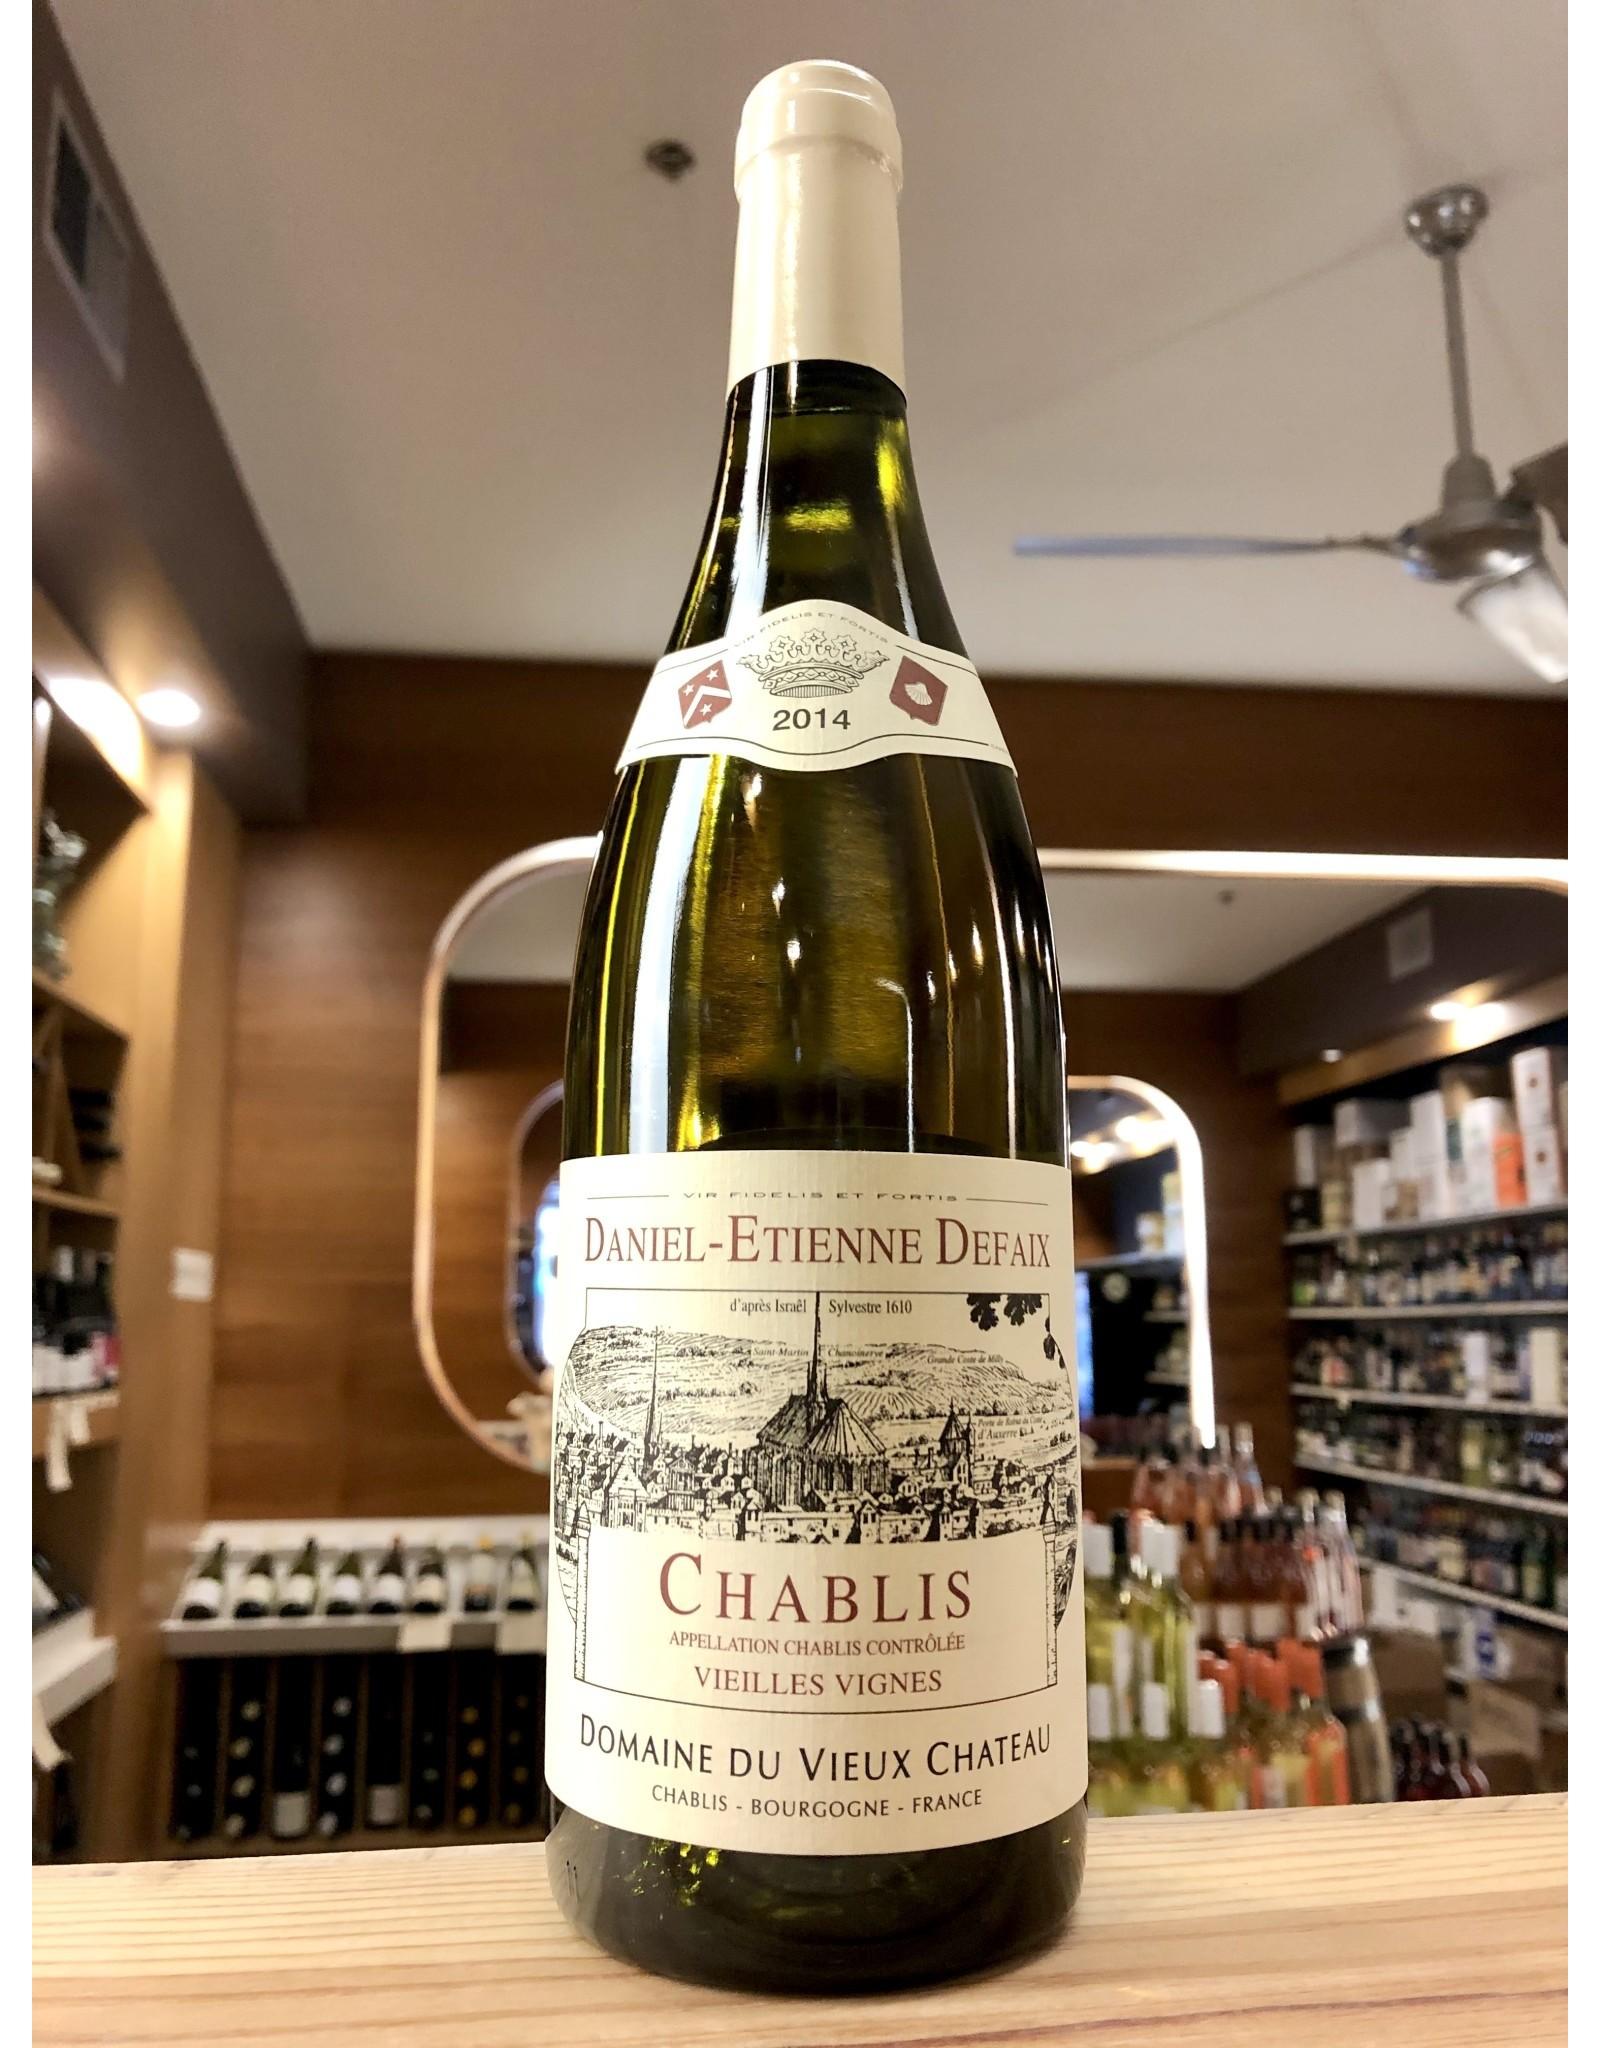 Daniel Etienne Defaix Chablis Vieilles Vignes 2014 - 750 ML